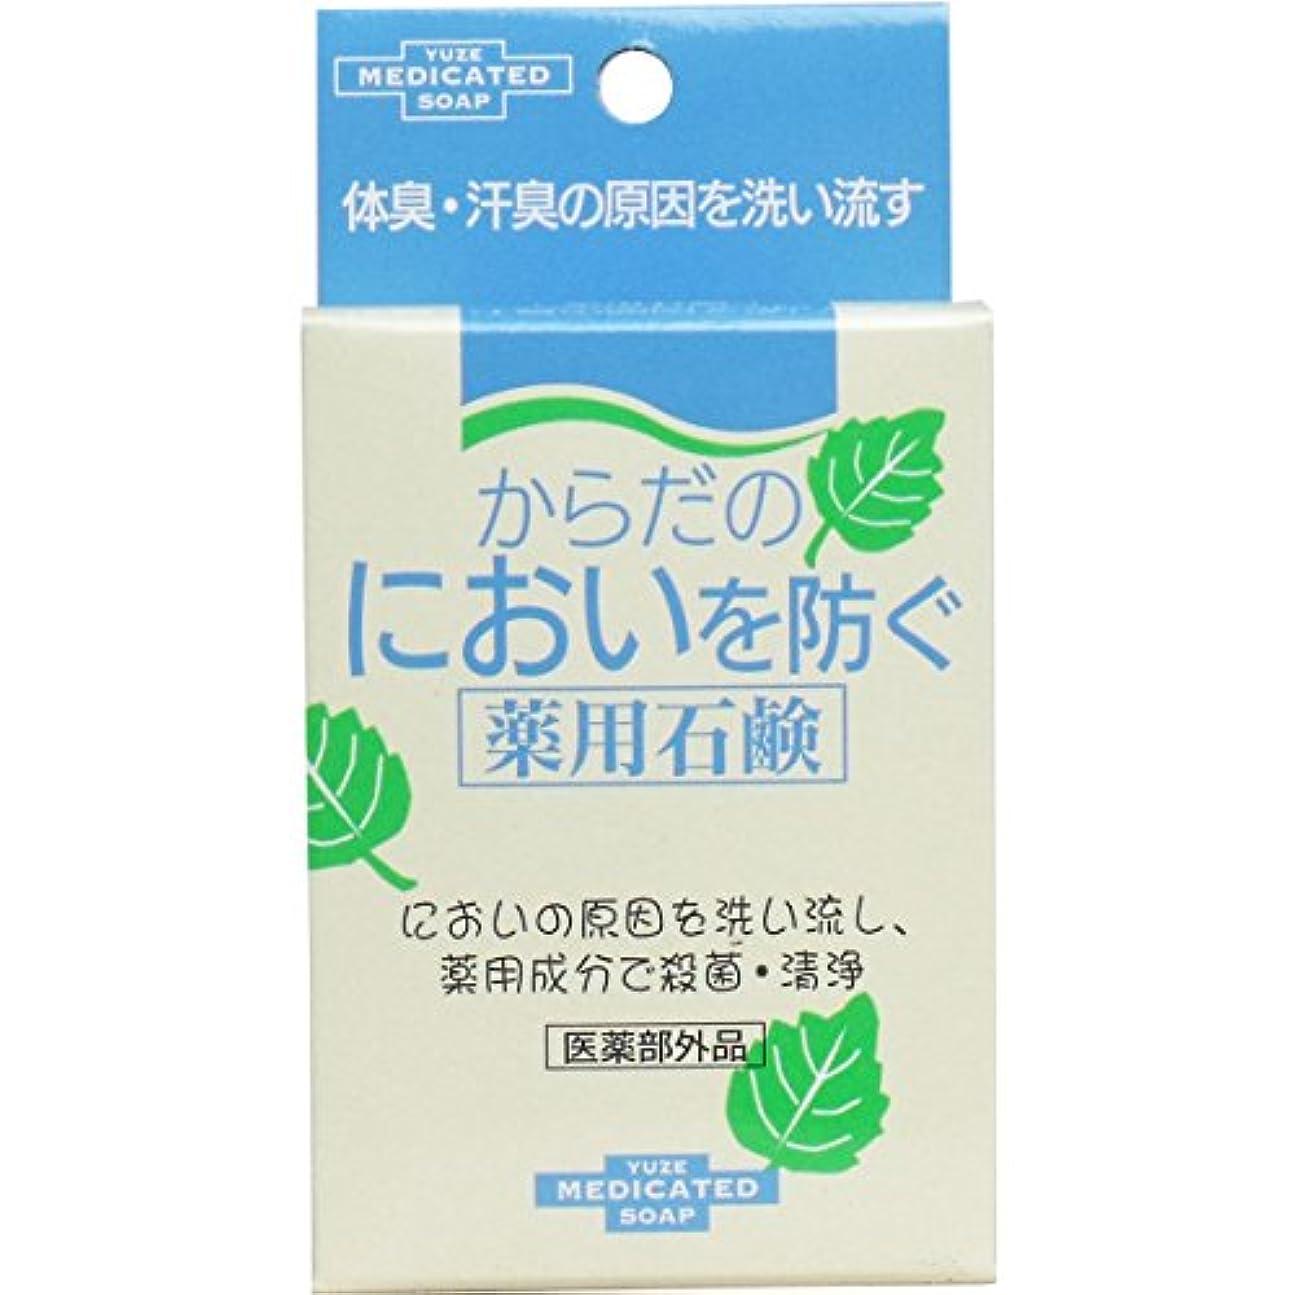 出身地カッター微視的からだのにおいを防ぐ薬用石鹸 110g